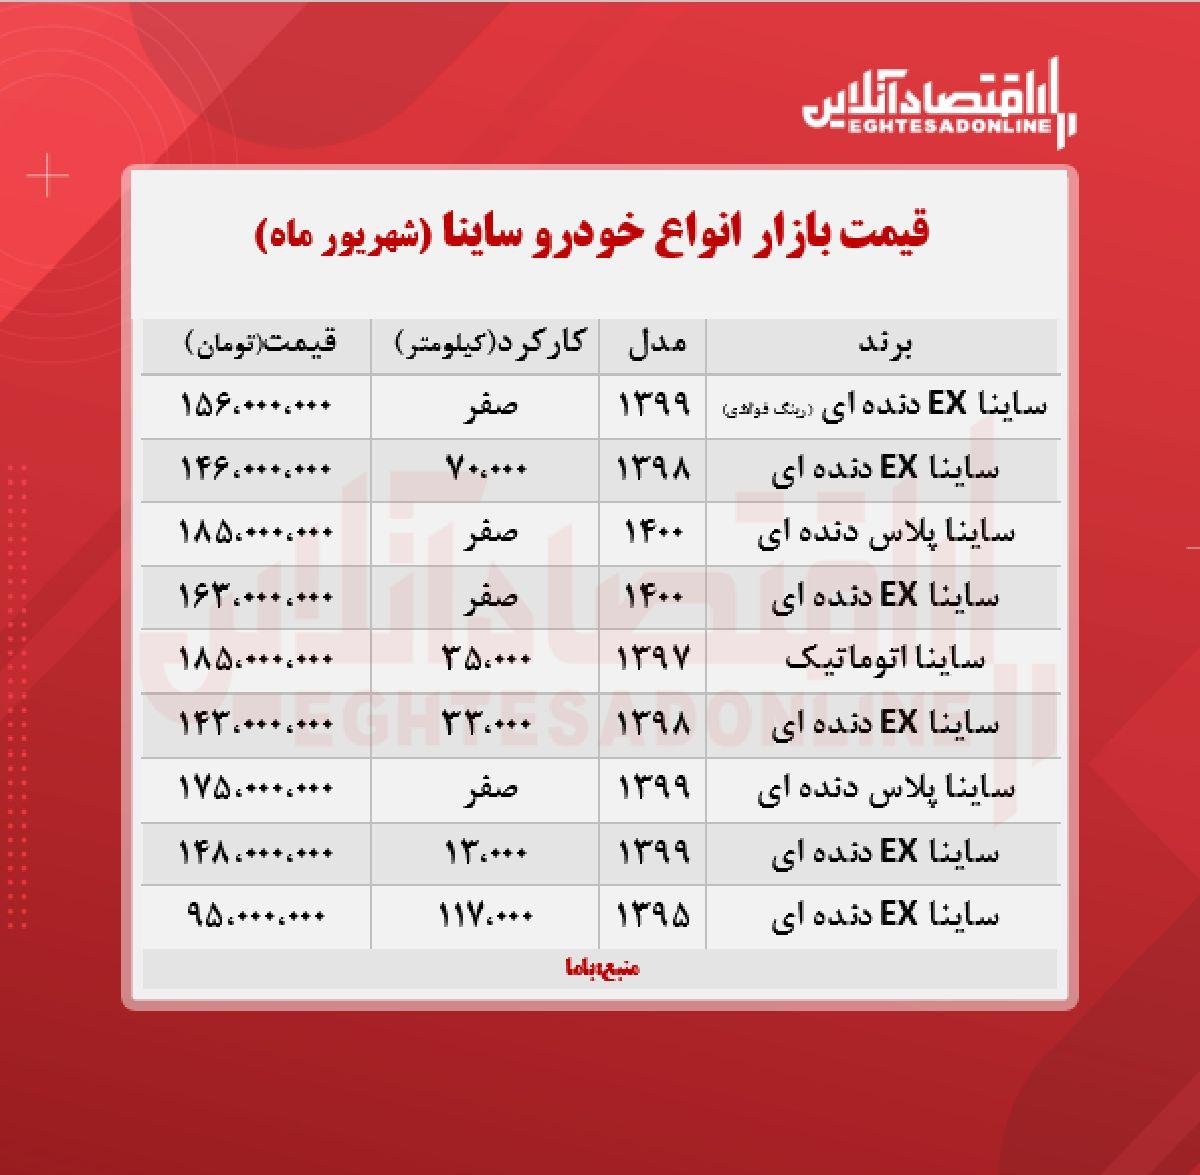 قیمت ساینا پلاس به مرز ۱۷۵ میلیون تومان رسید + جدول